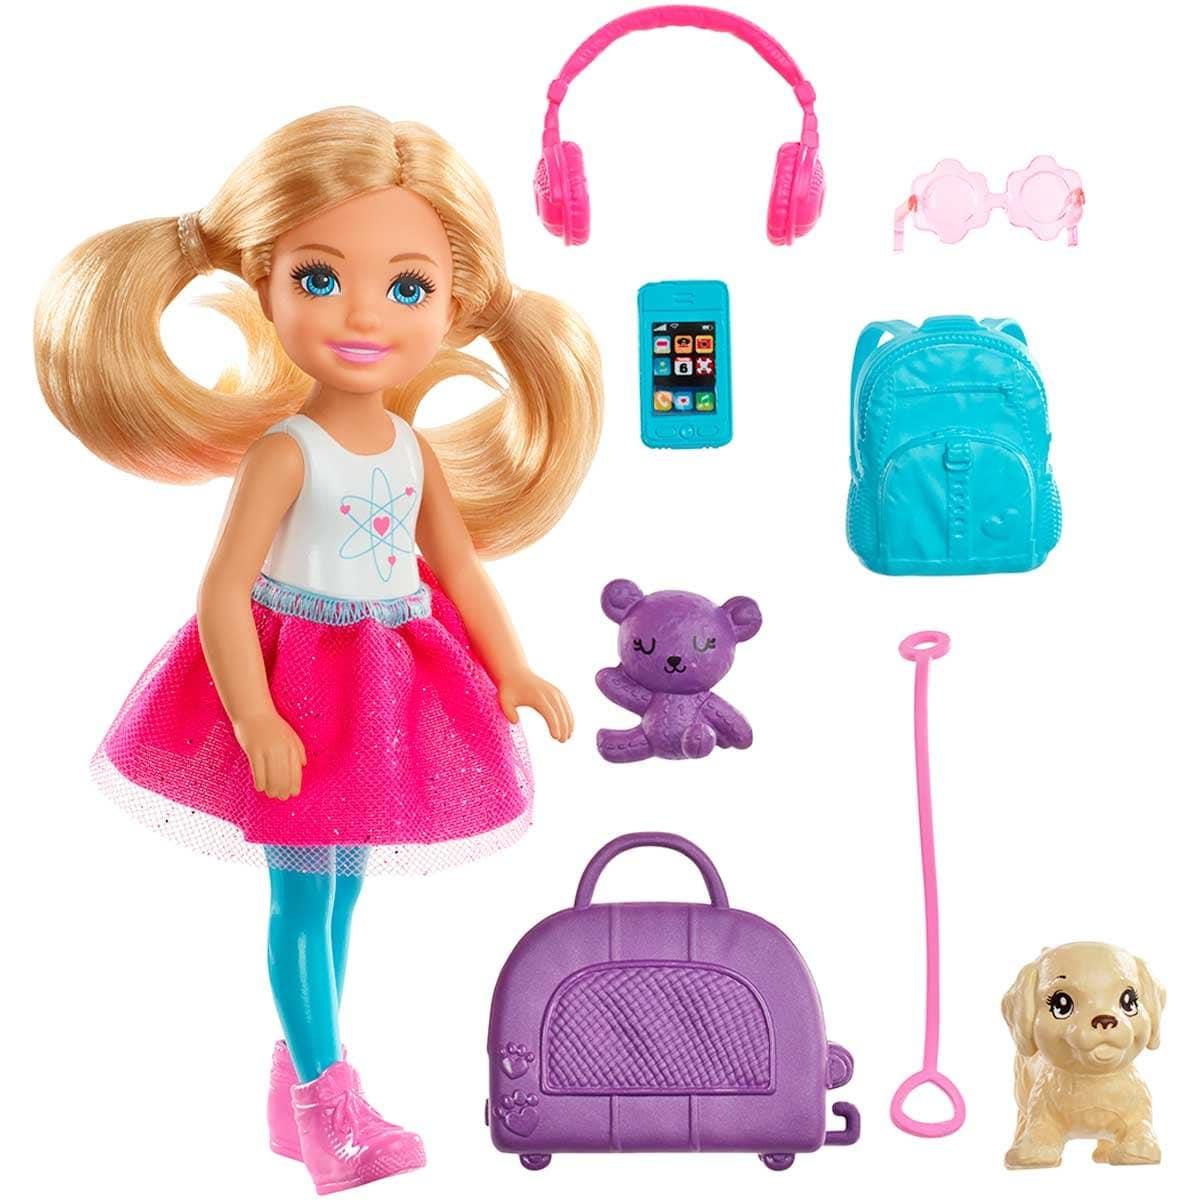 Barbie Entretenimiento Explora Y Descubre Chelsea